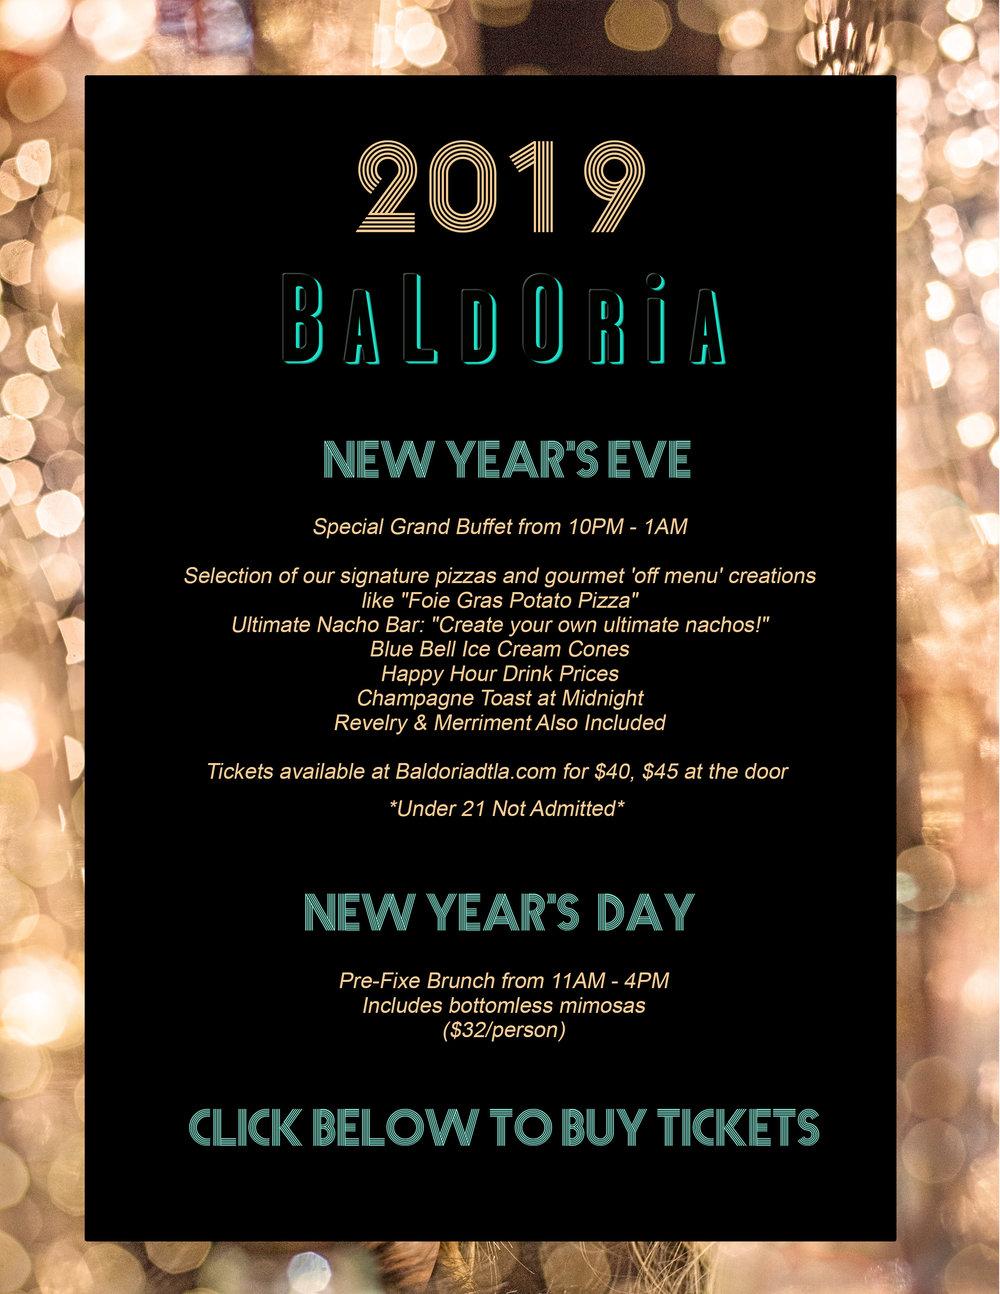 Baldoria New Years Poster_web.jpg